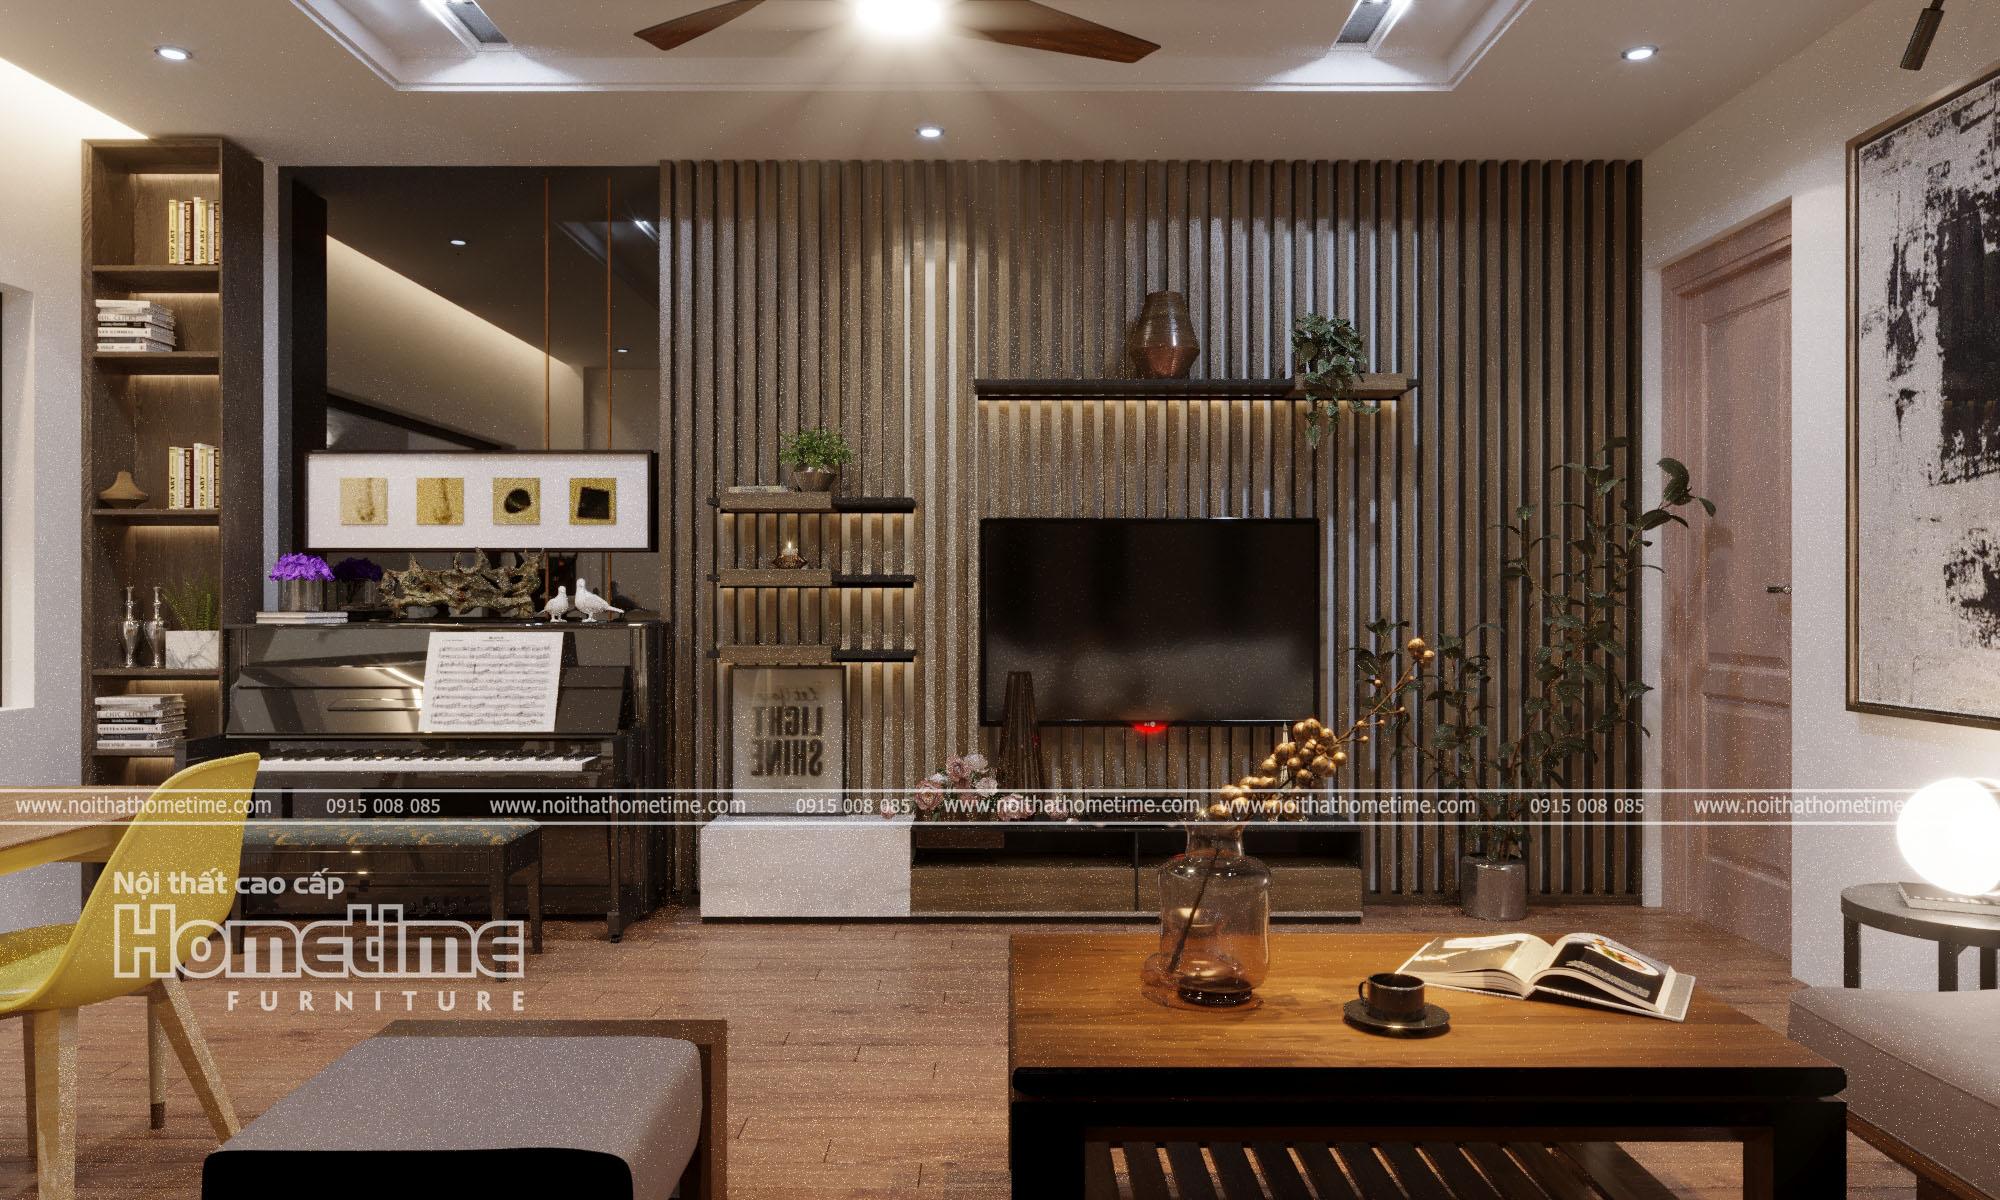 Trang trí không gian phòng khách với chiếc kệ tivi hiện đại